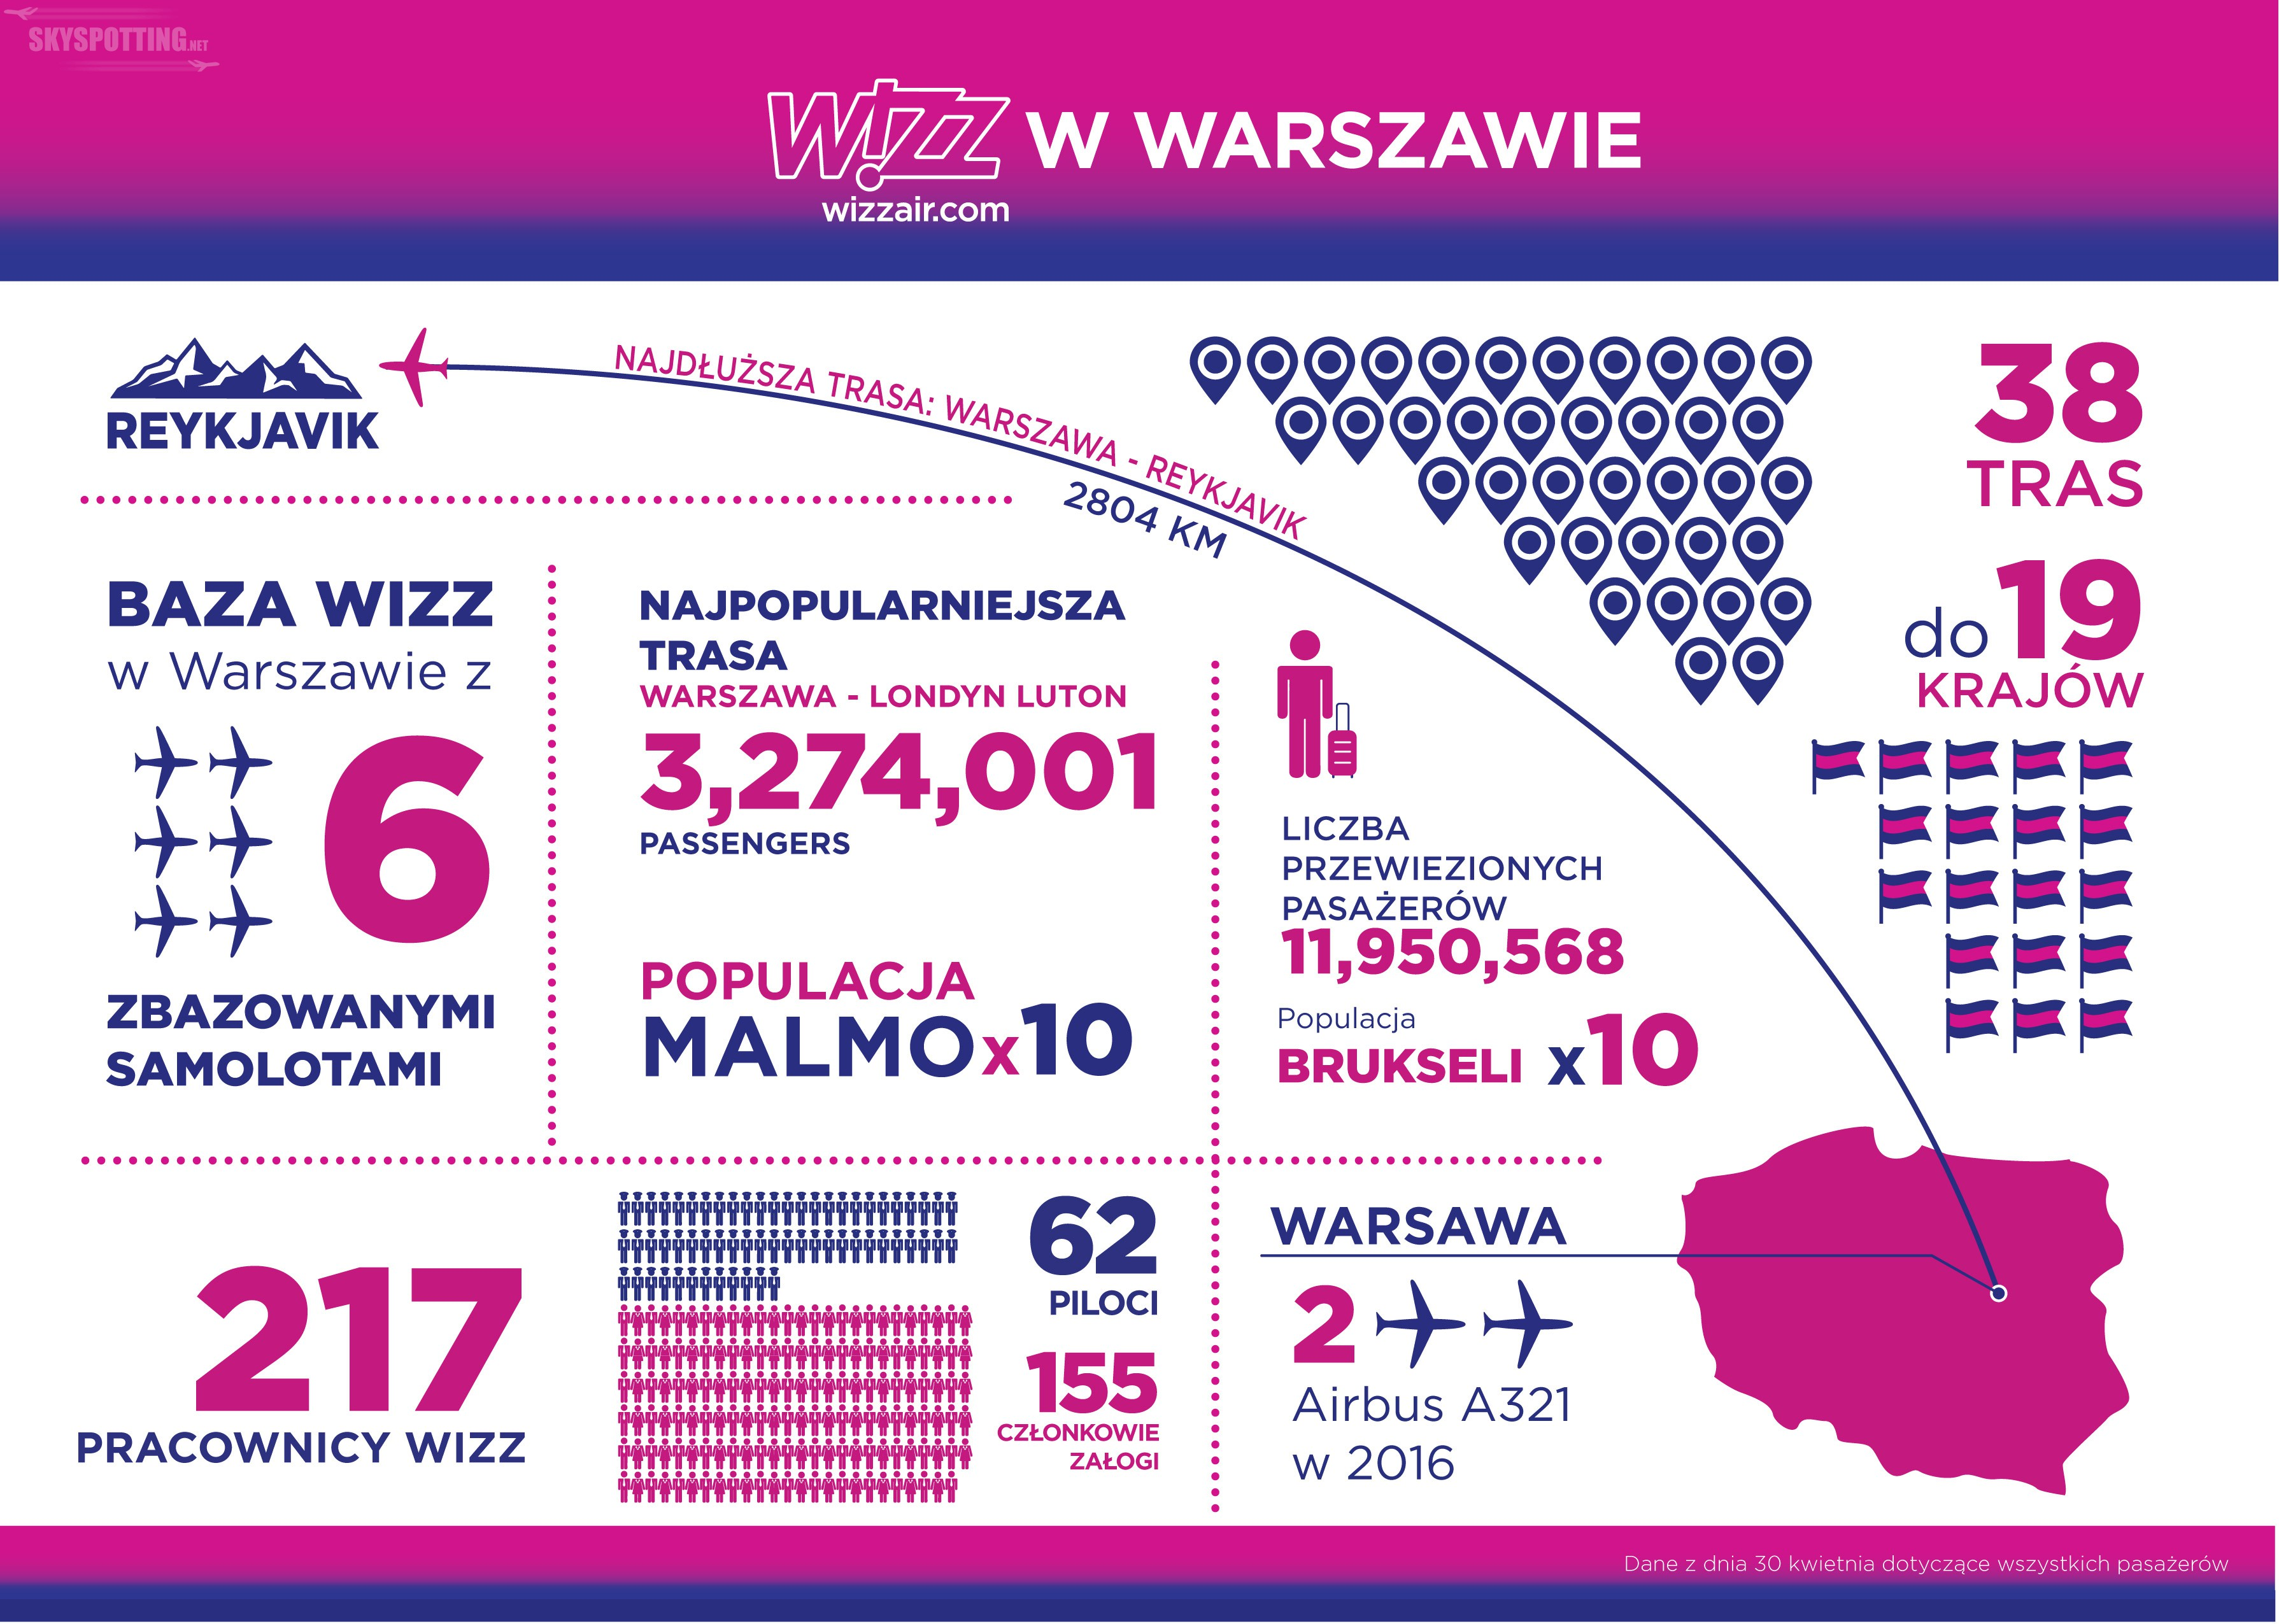 Wizz Air świętuje 12. urodziny uruchamiając nową stronę internetową